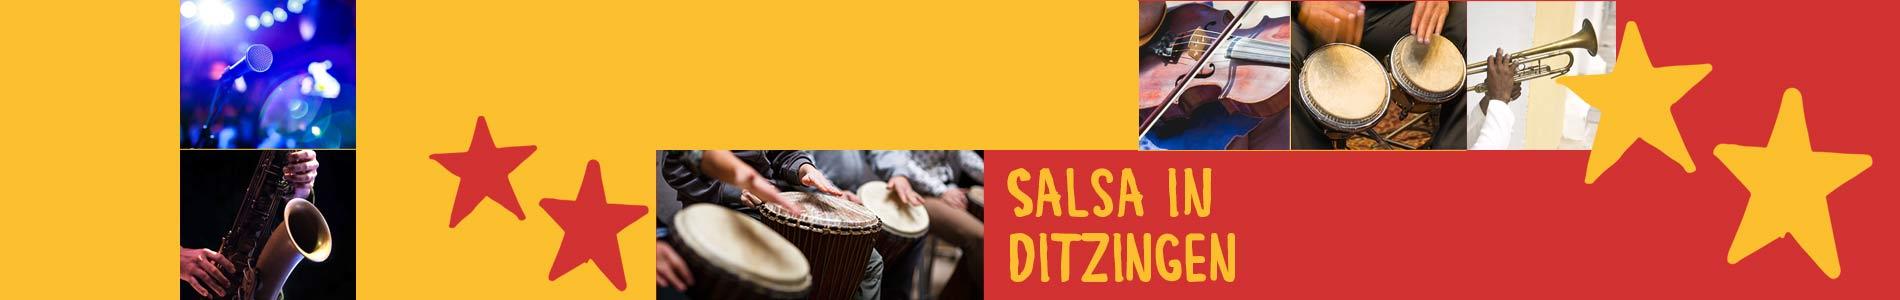 Salsa in Ditzingen – Salsa lernen und tanzen, Tanzkurse, Partys, Veranstaltungen